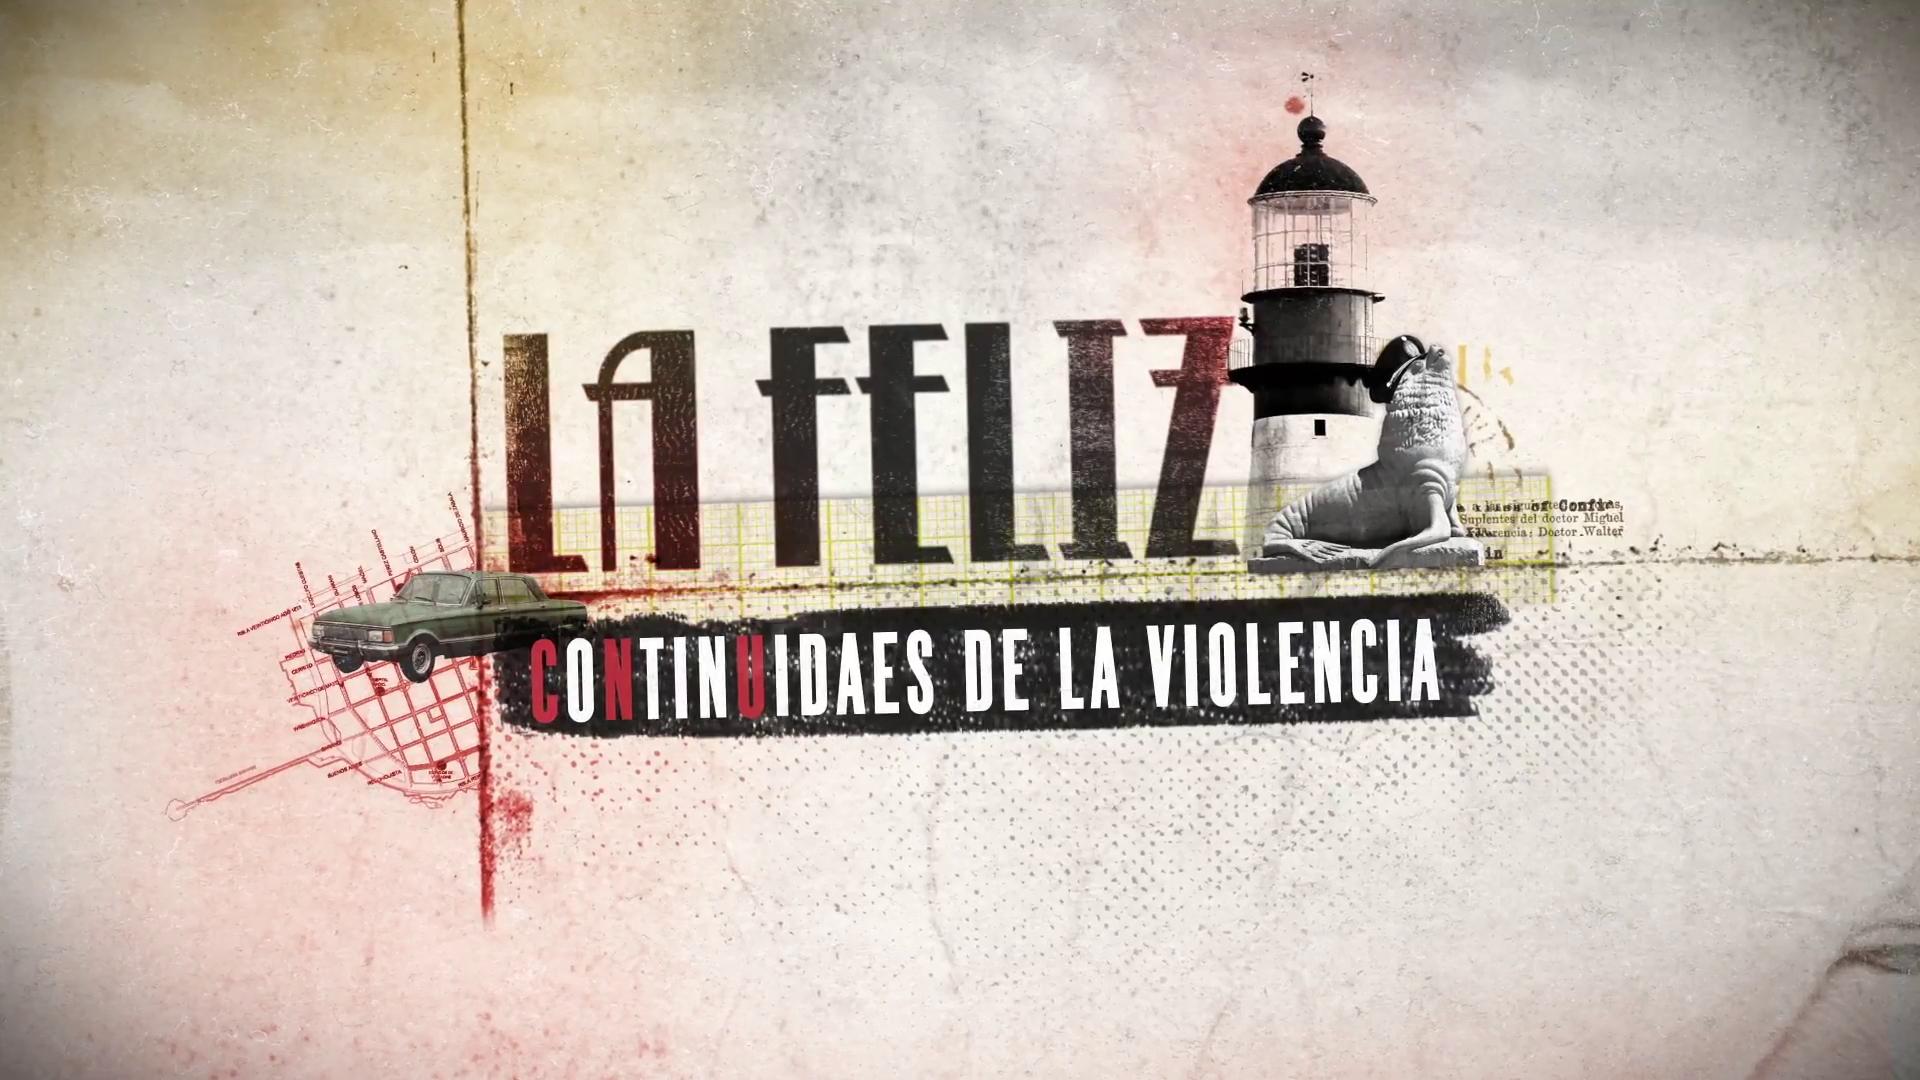 """Entrevista a Javier Diment, director del documental """"La Feliz: Continuidades de la violencia"""""""